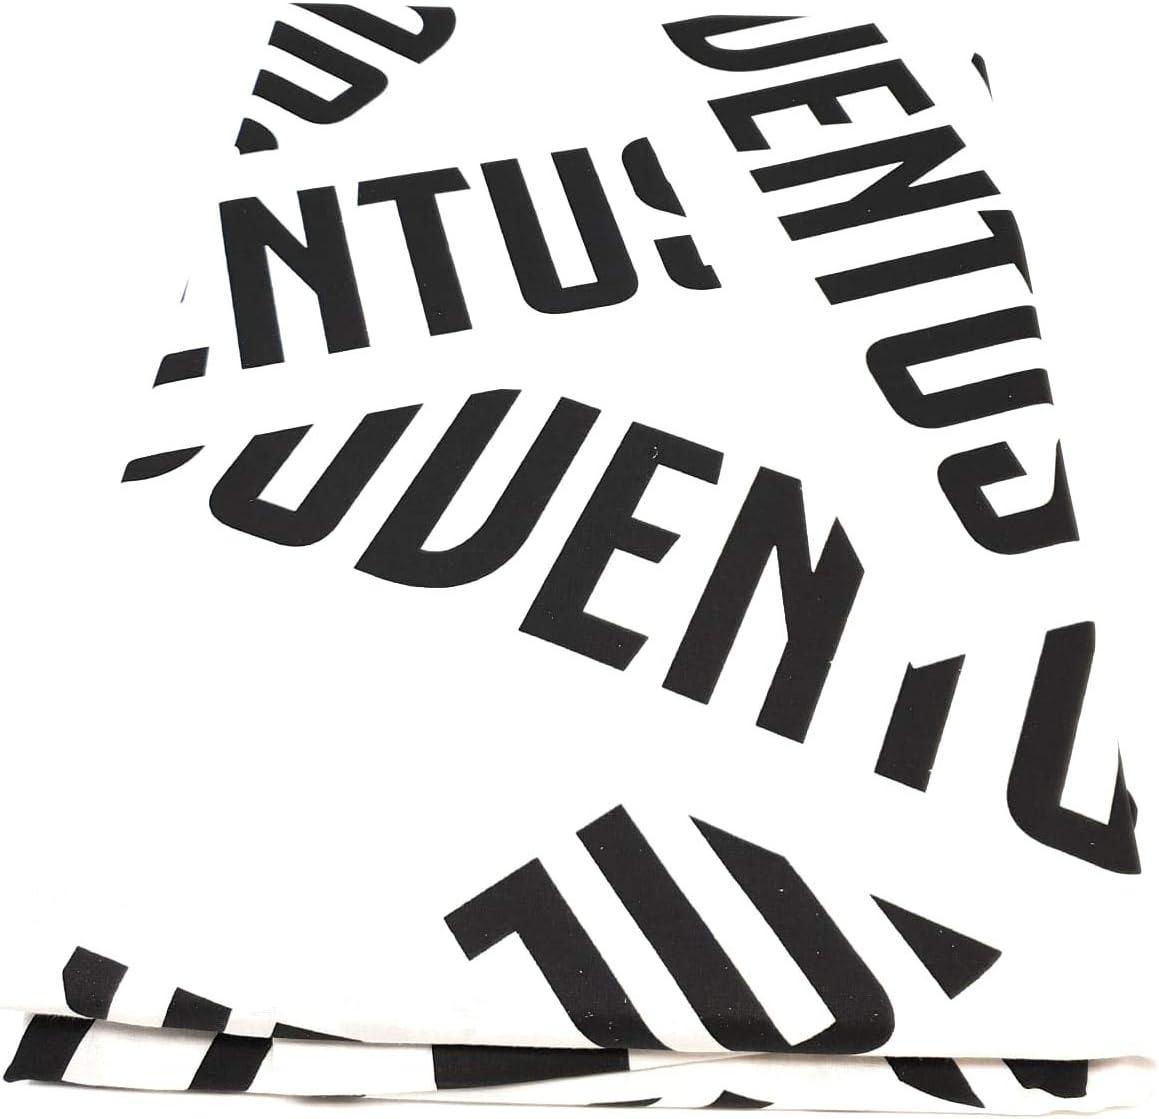 Juventus Biancotex Completo Letto Singolo Prodotto Ufficiale Marchiato con Il Logo Multicolore Lenzuola in Puro Cotone e Fodera